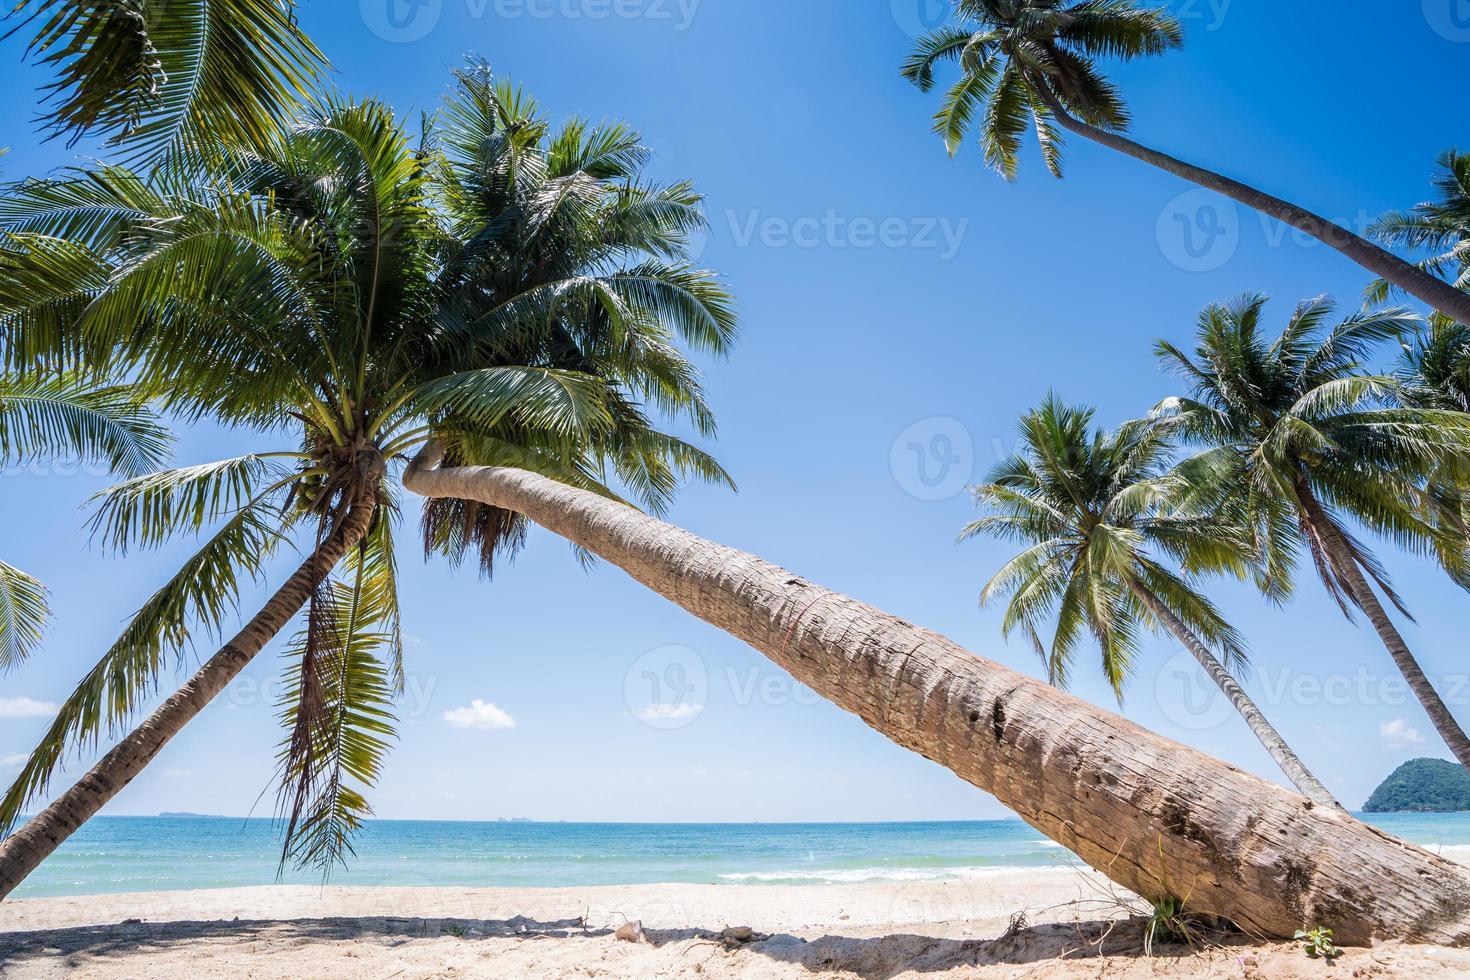 palmiers sur une plage blanche photo